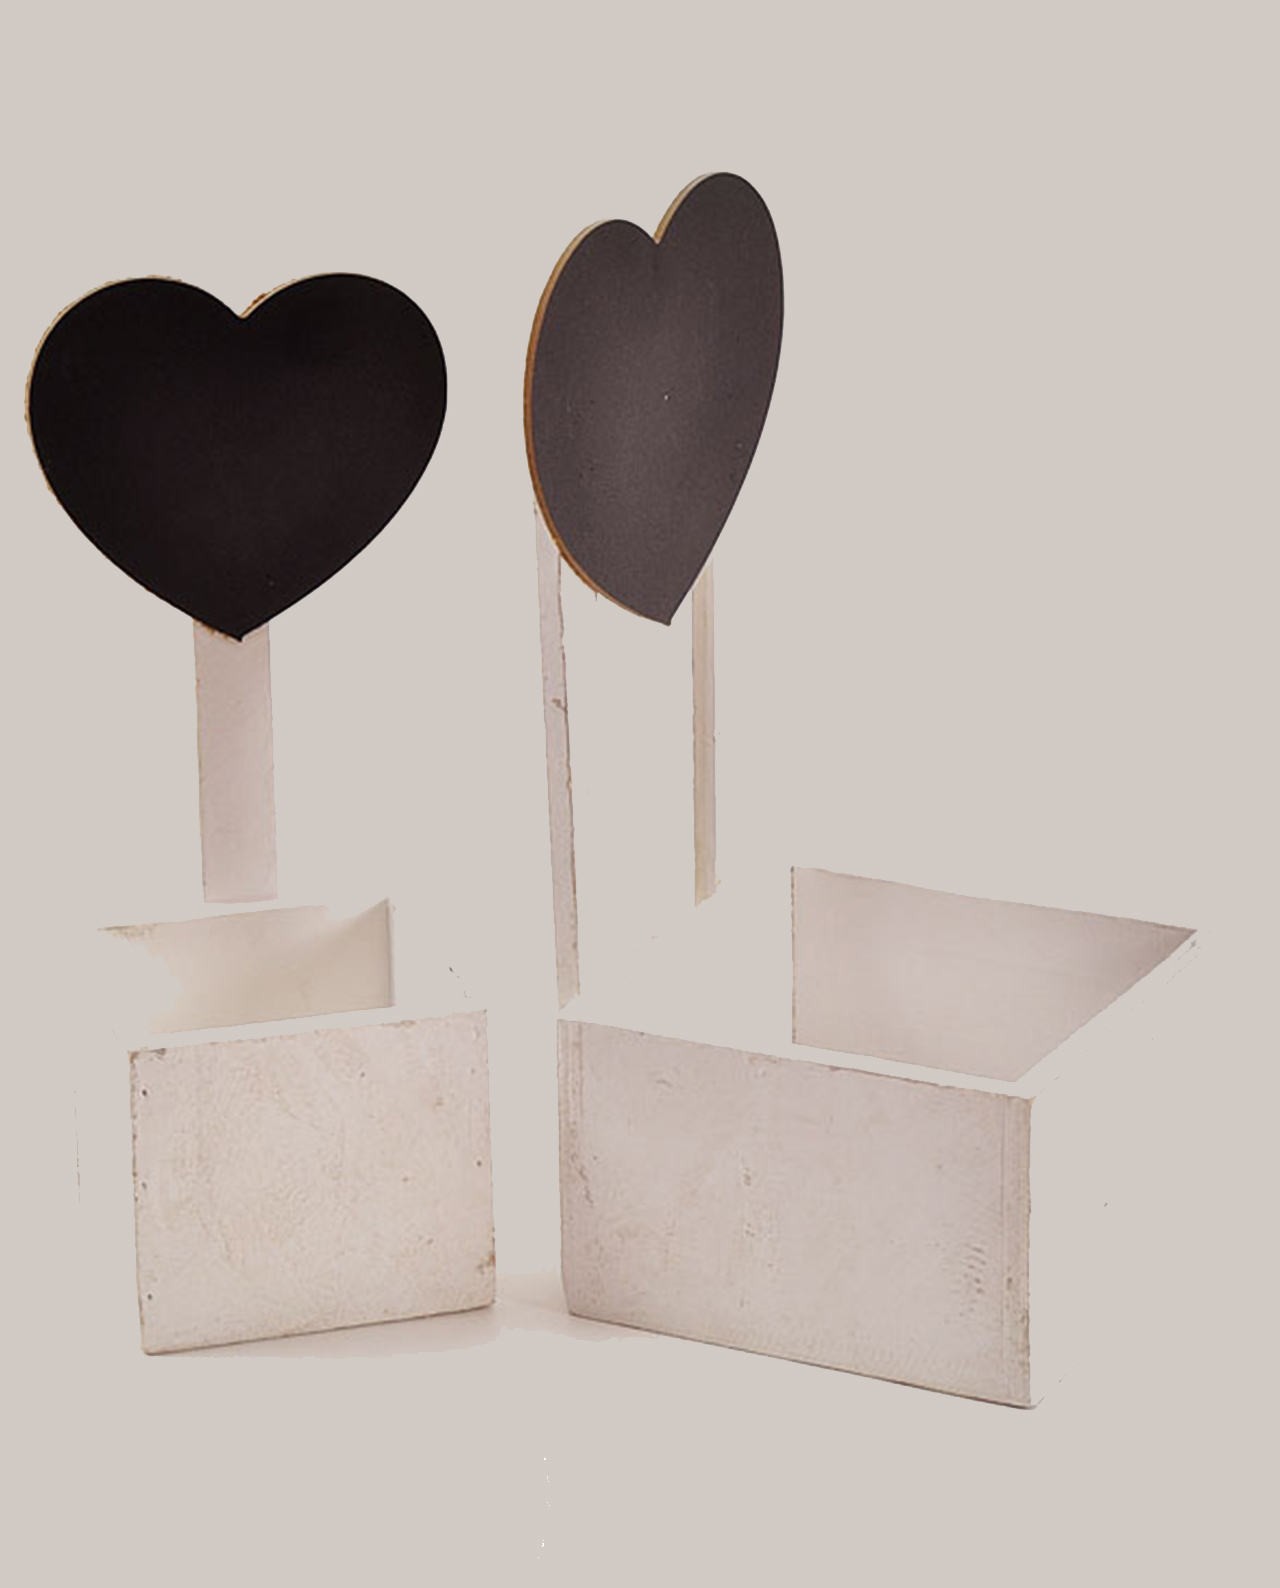 contenitori in legno con lavagna a cuore set 2 pezzi